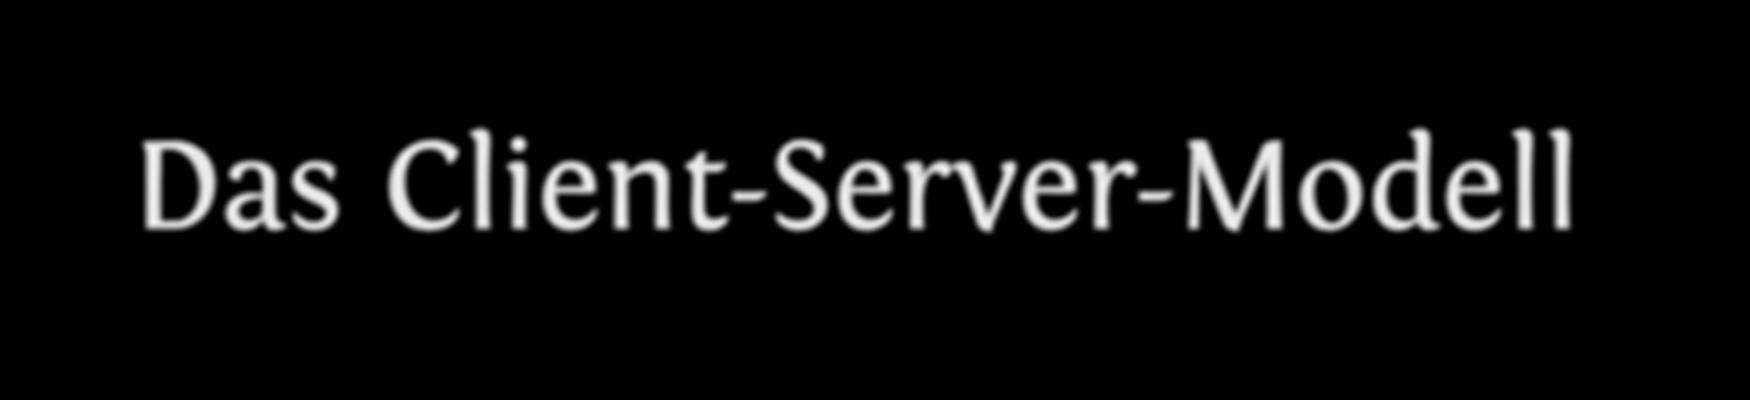 WebLab HsH: Client-Server-Modell